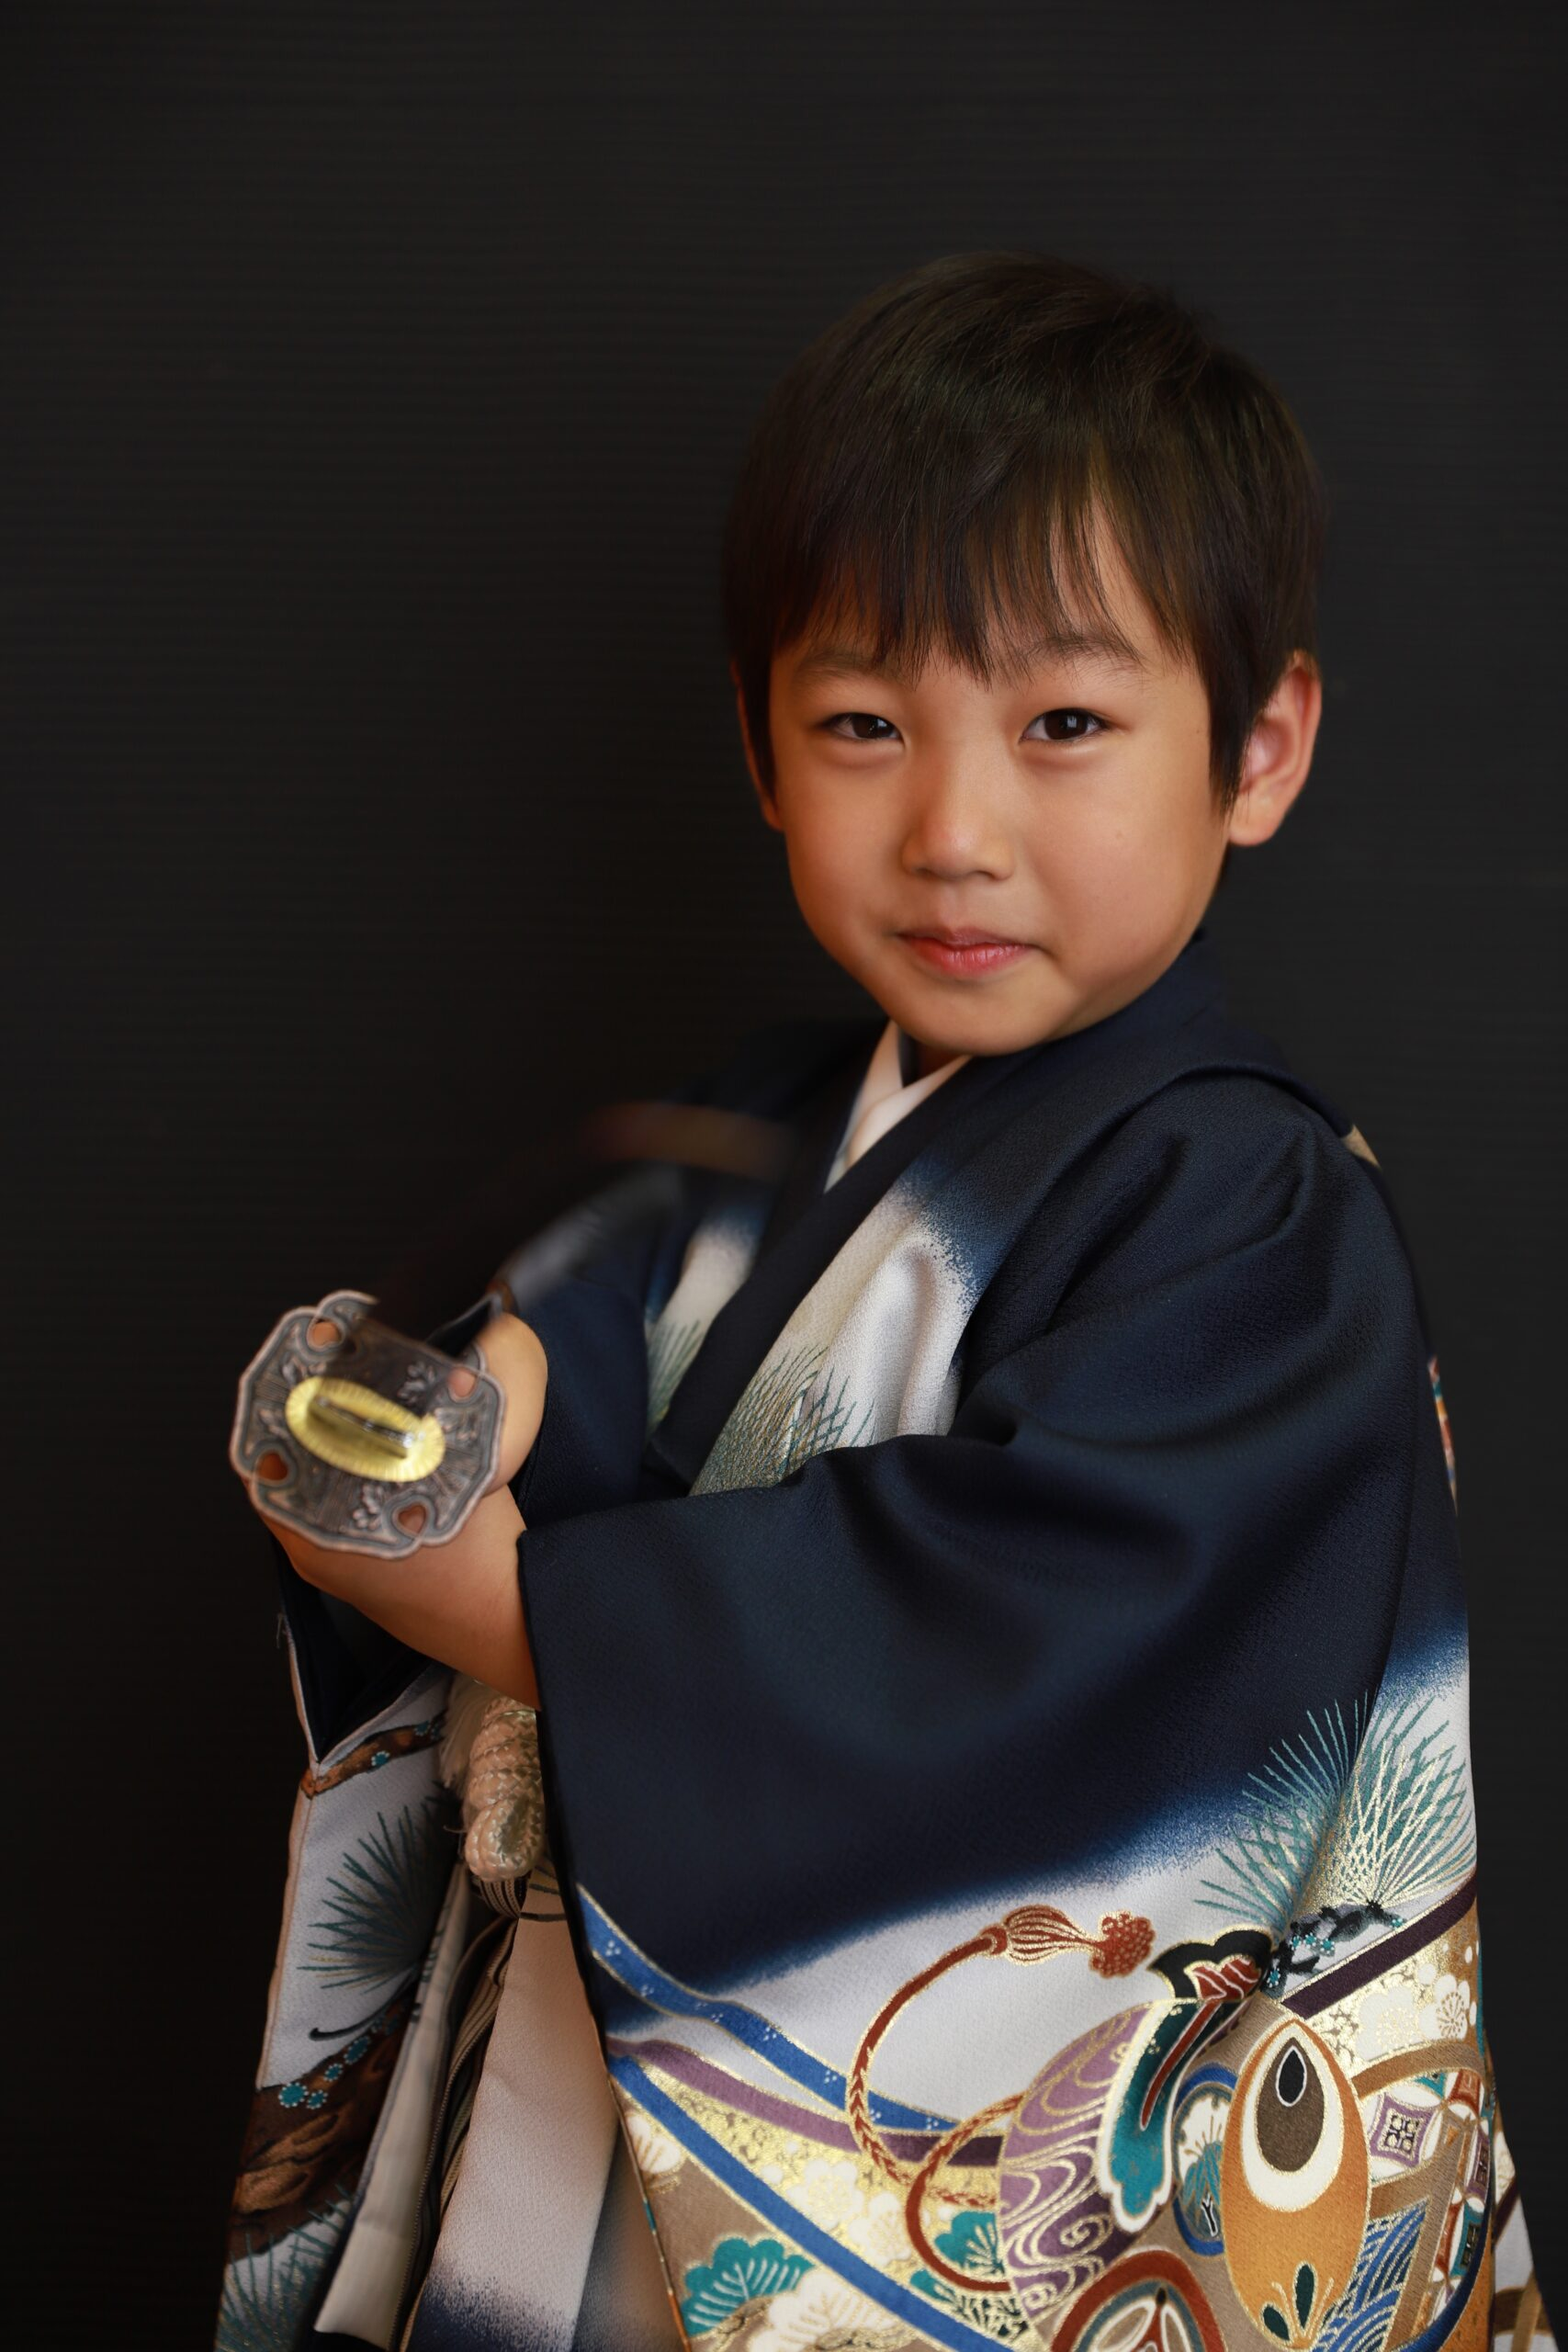 男の子に人気の剣で撮影